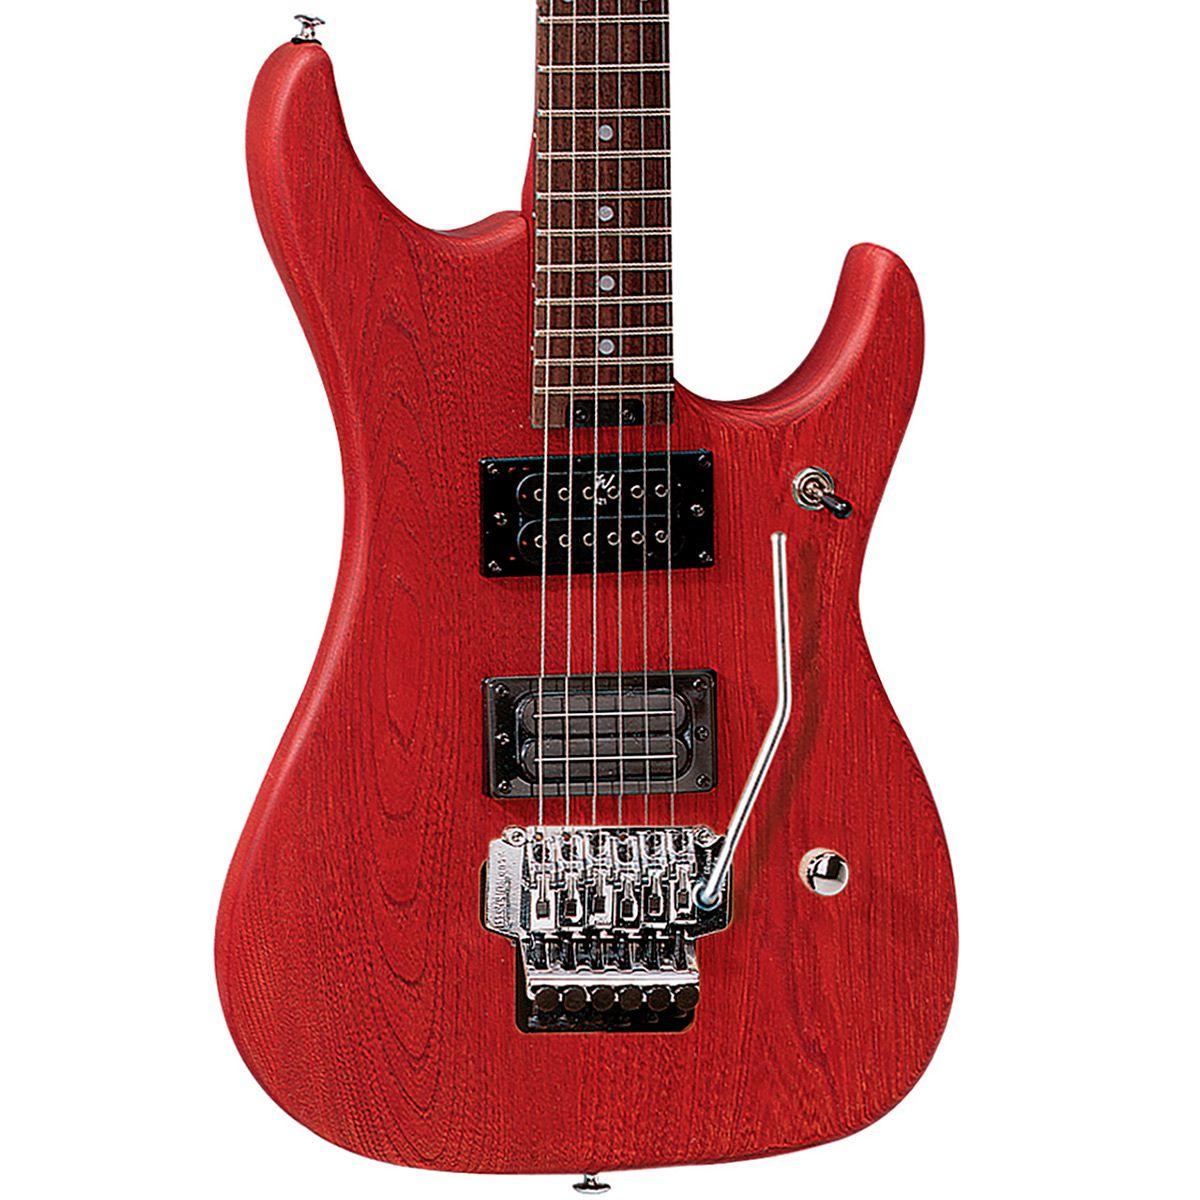 Guitarra Washburn N2 Nuno Bettencourt Signature Padauk Stain